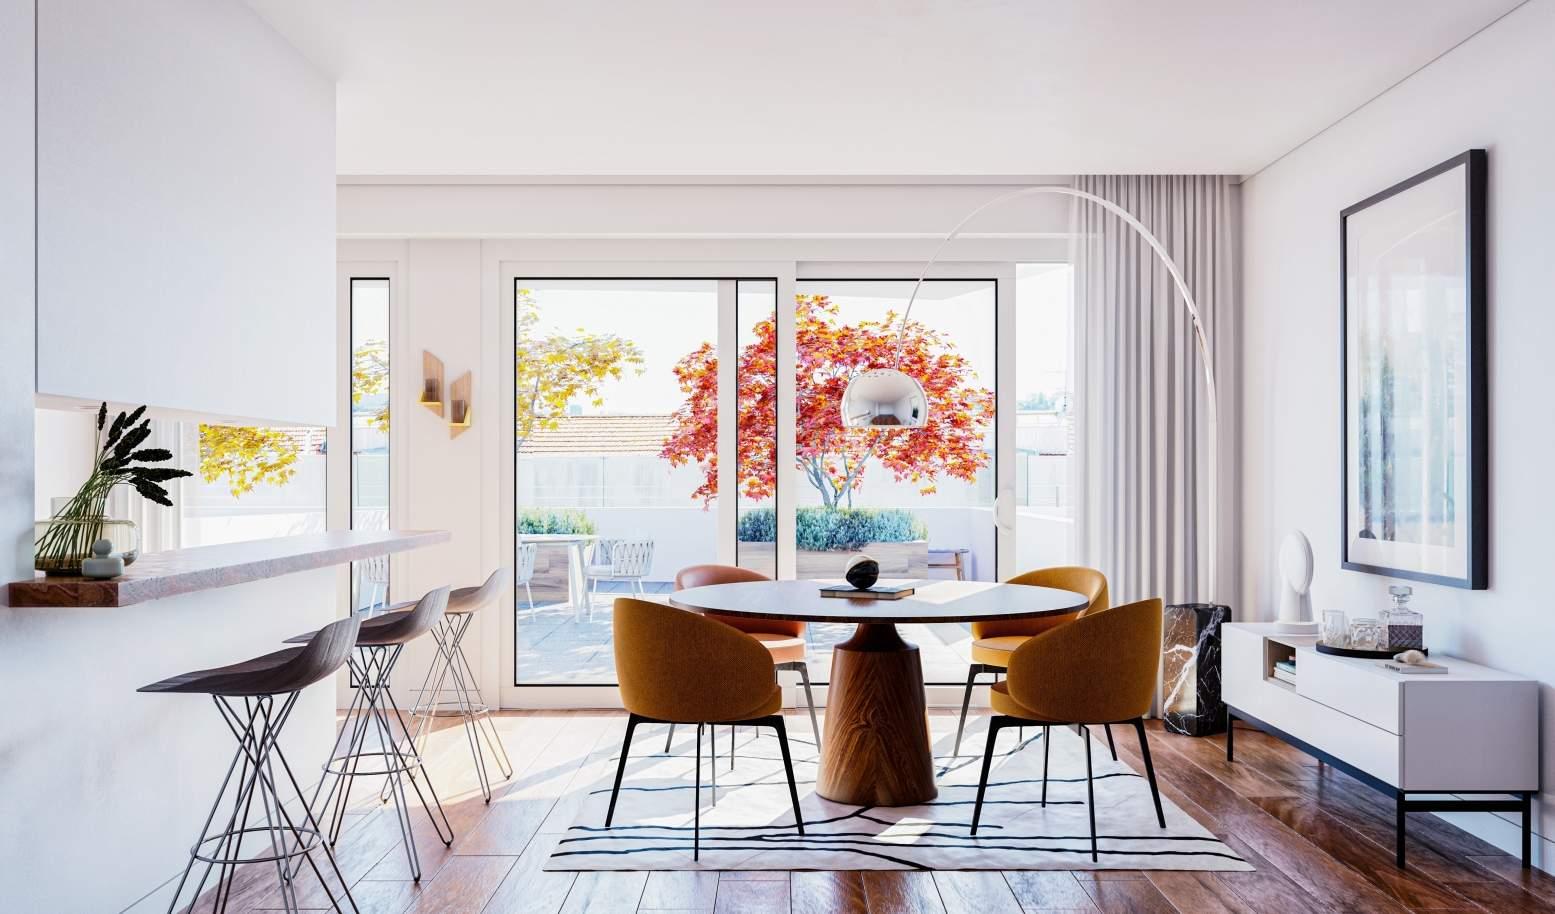 v-porto-novo-apartamento-t3-com-terraco-com-zonas-verdes-porto